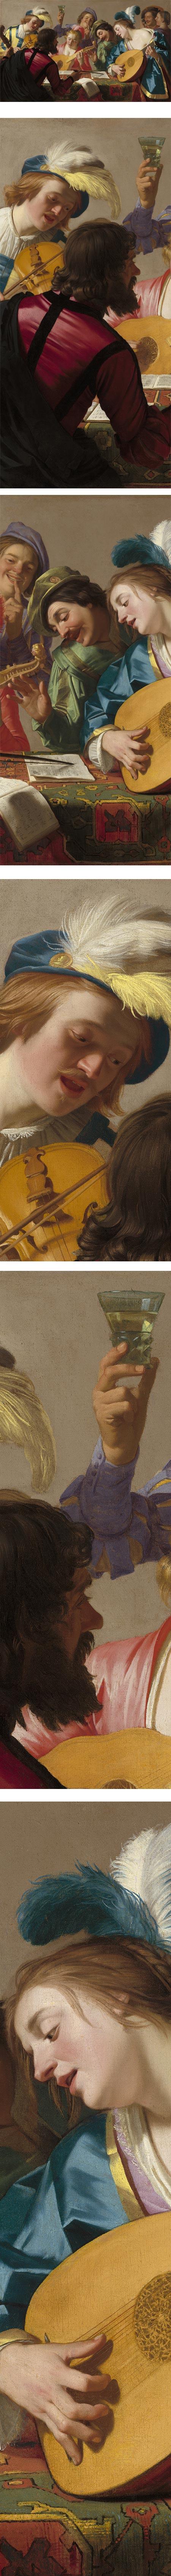 The Concert, Gerrit van Honthorst